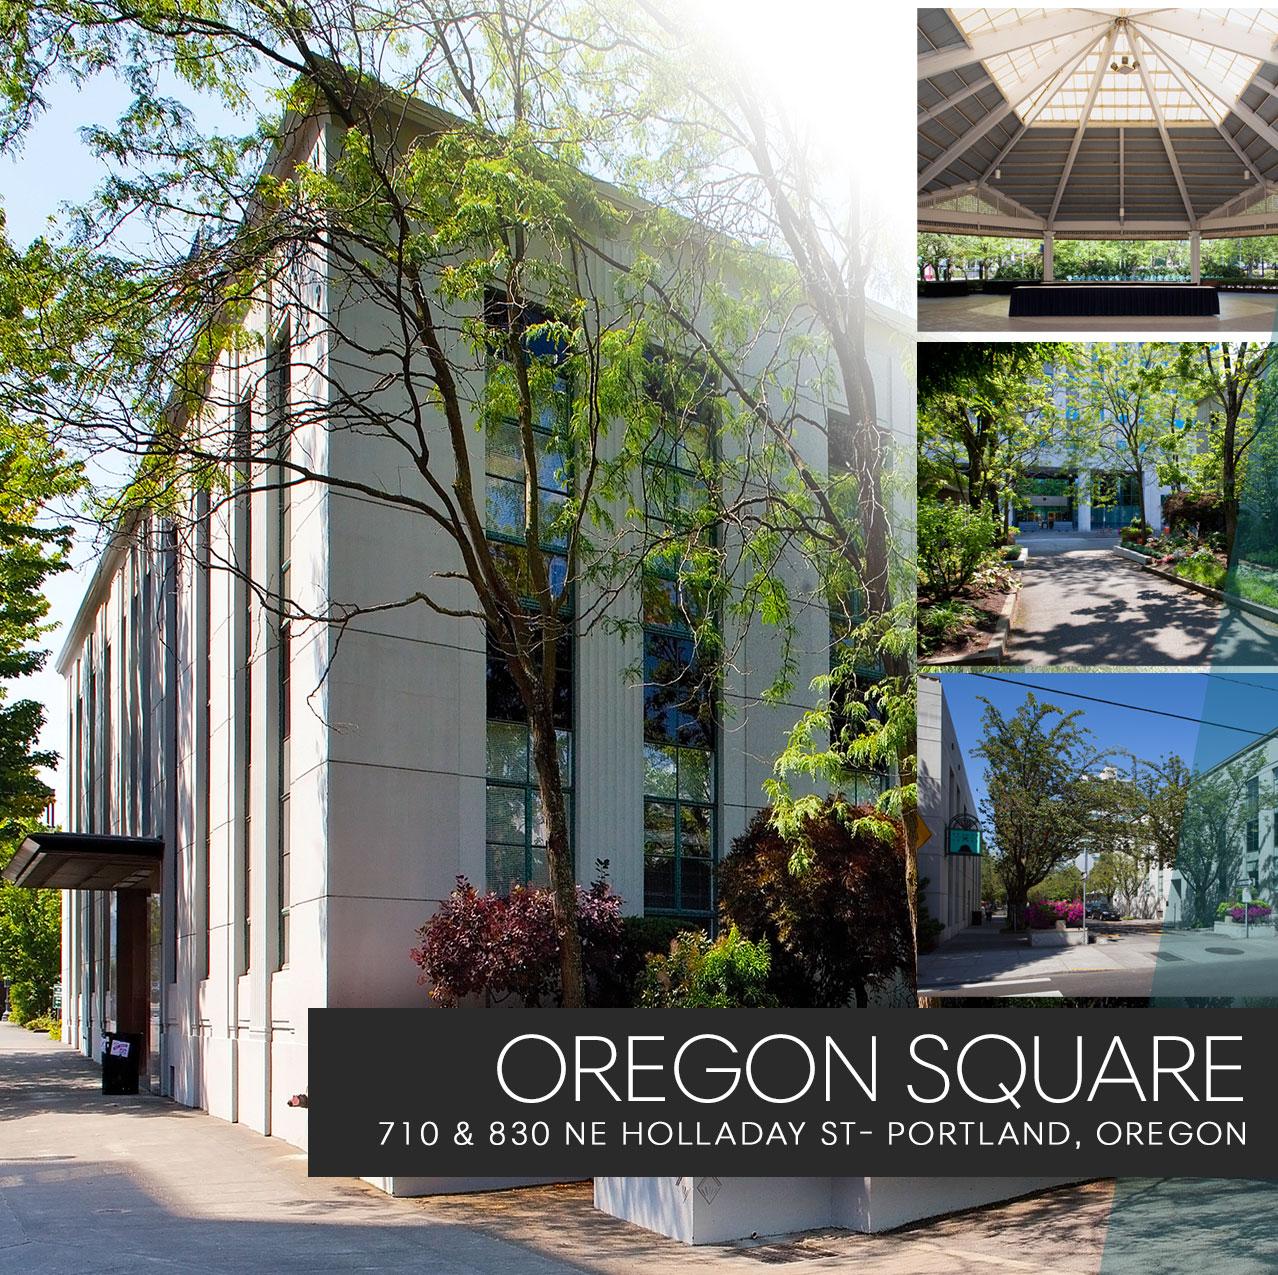 Oregon Square